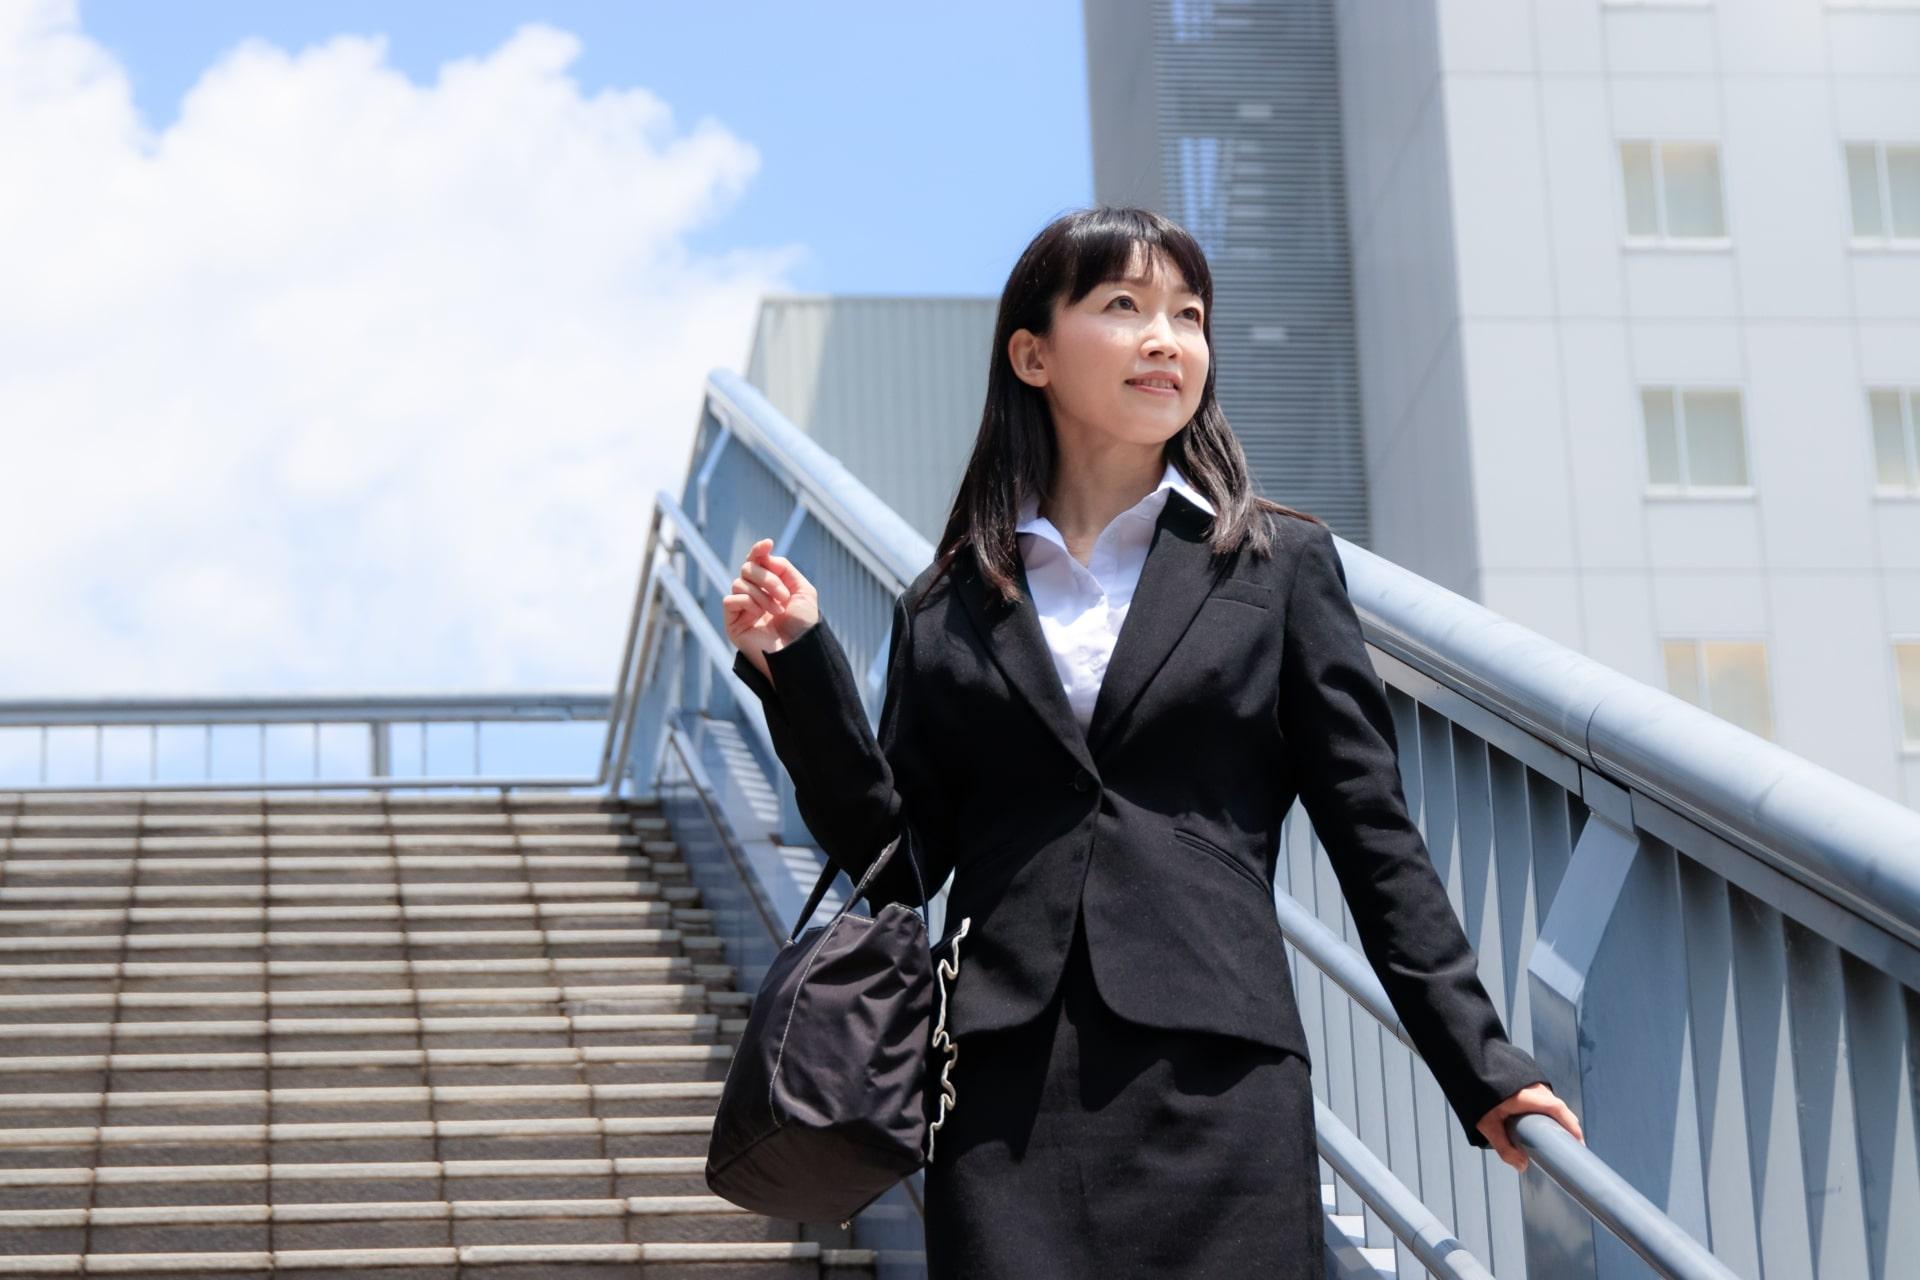 オフィス街にいる女性